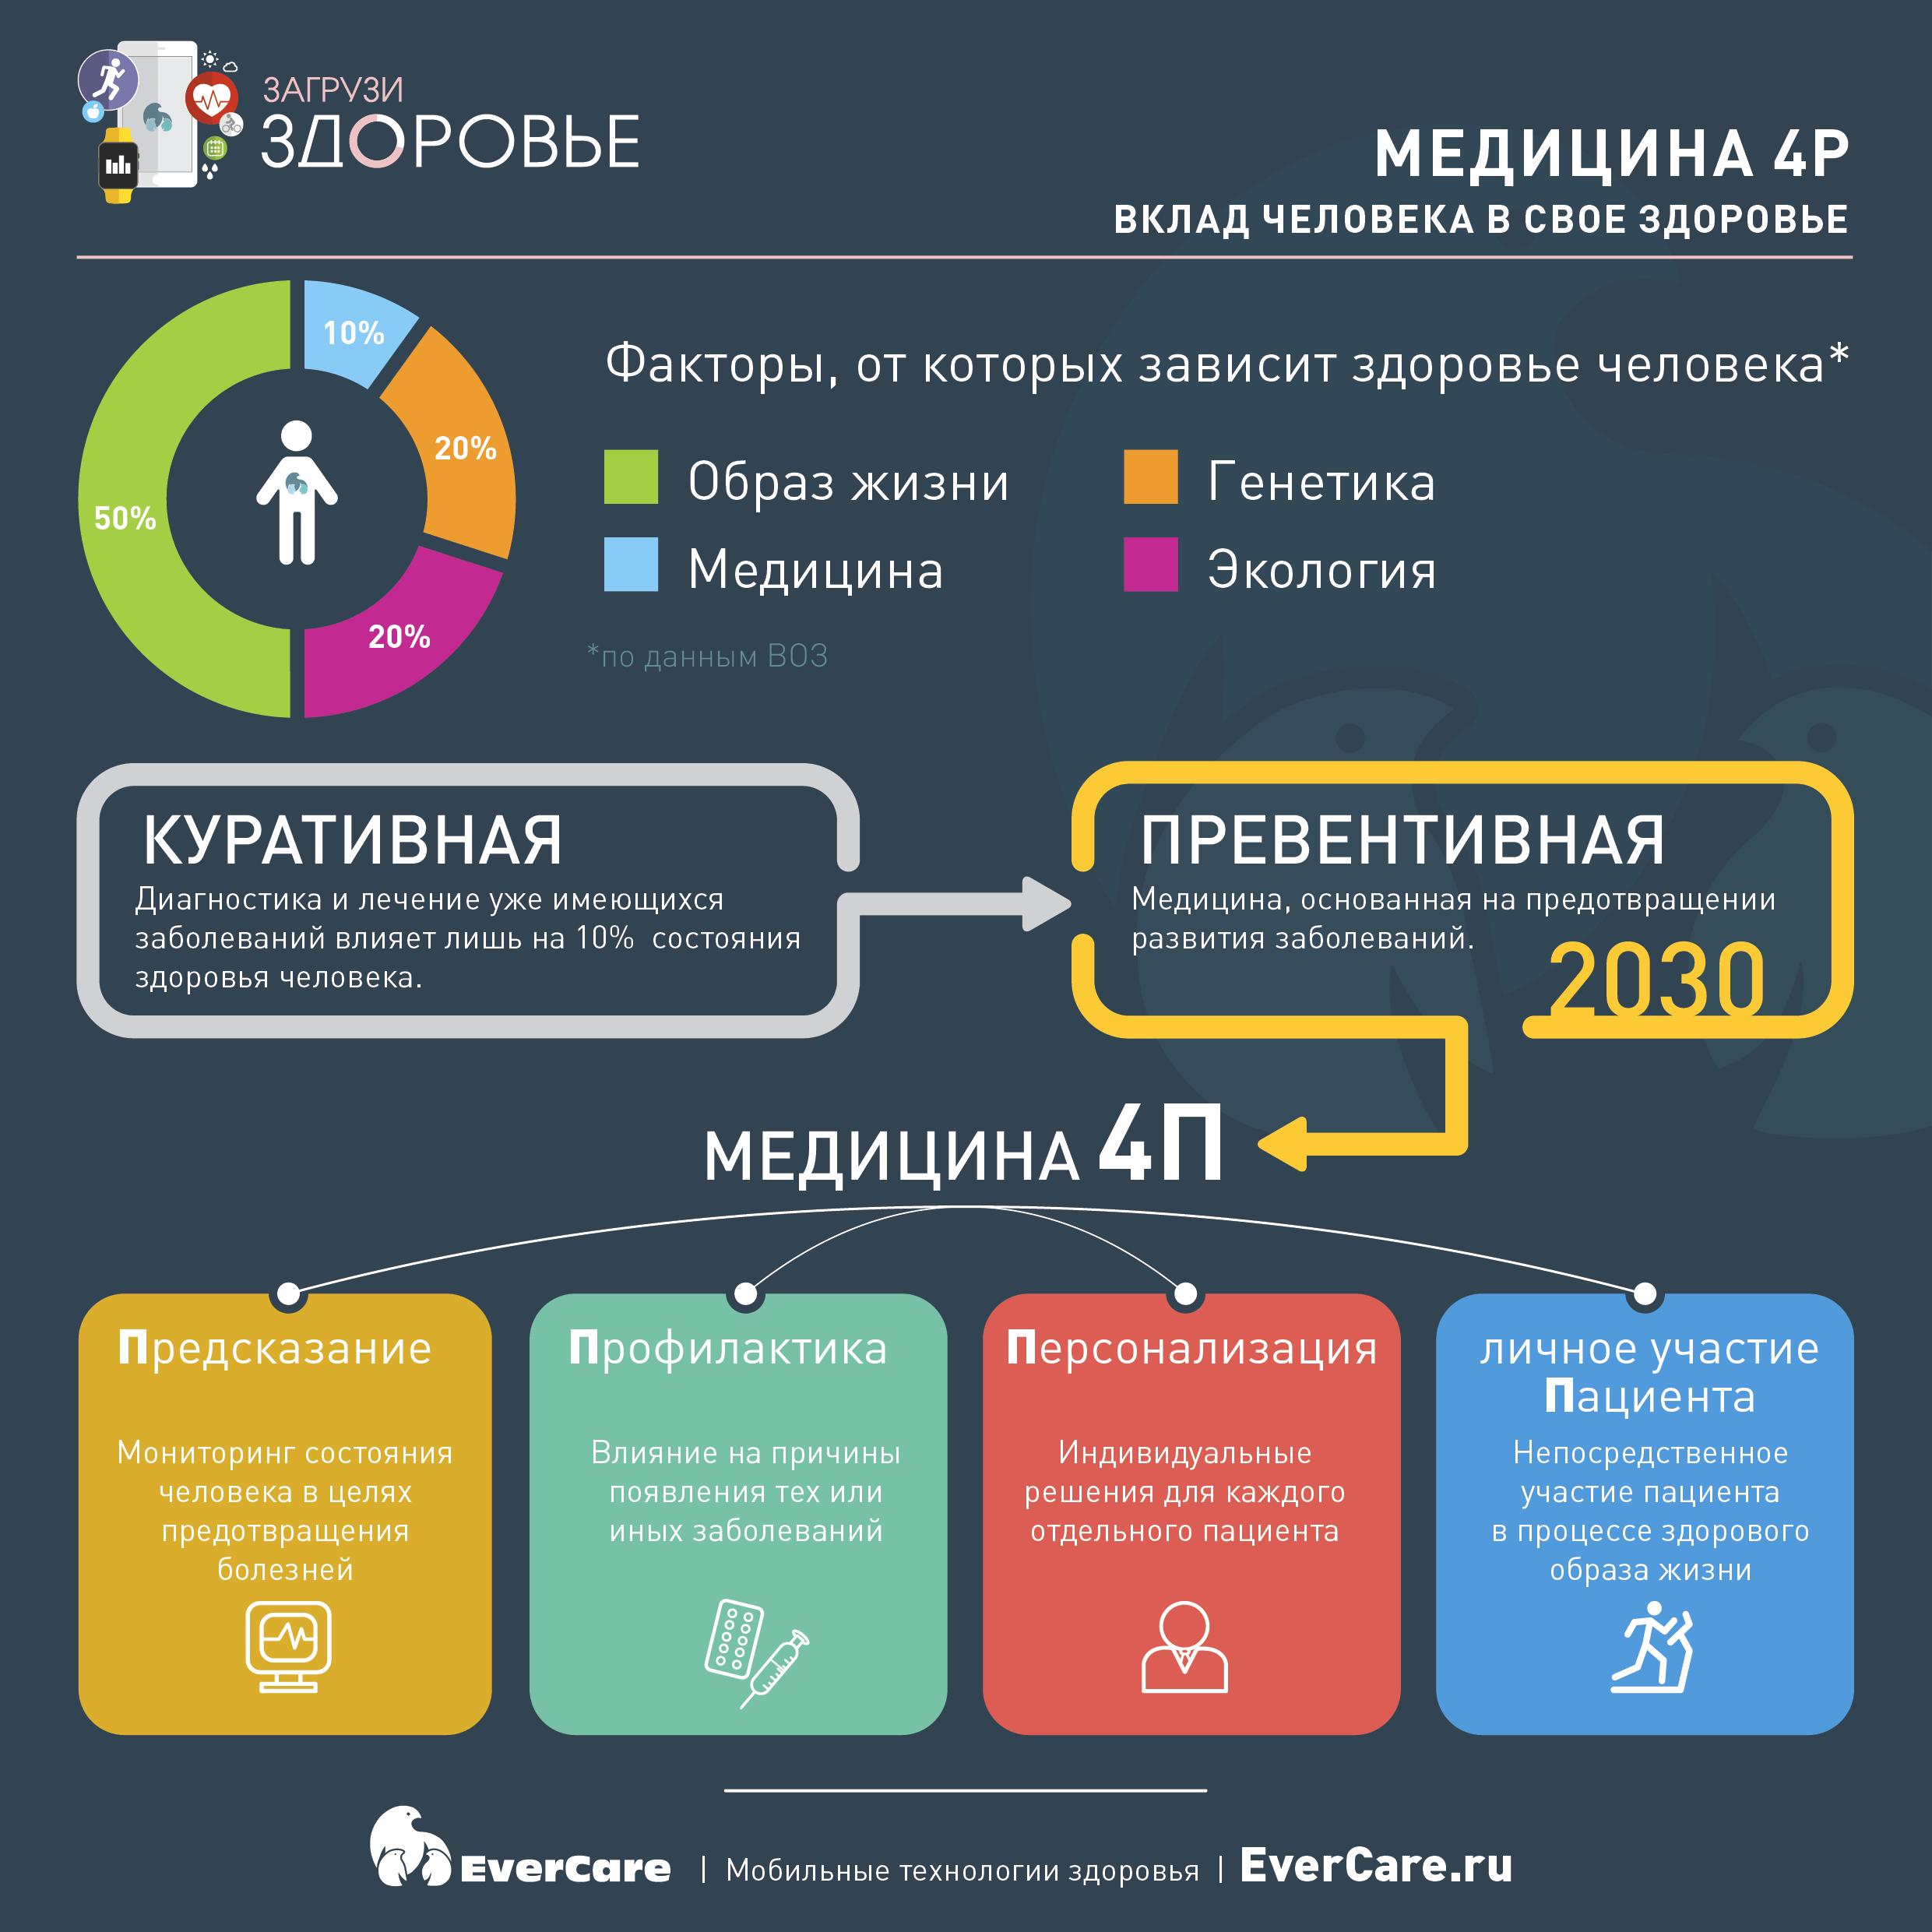 Медицина 4Р: вклад человека в свое здоровье, инфографика